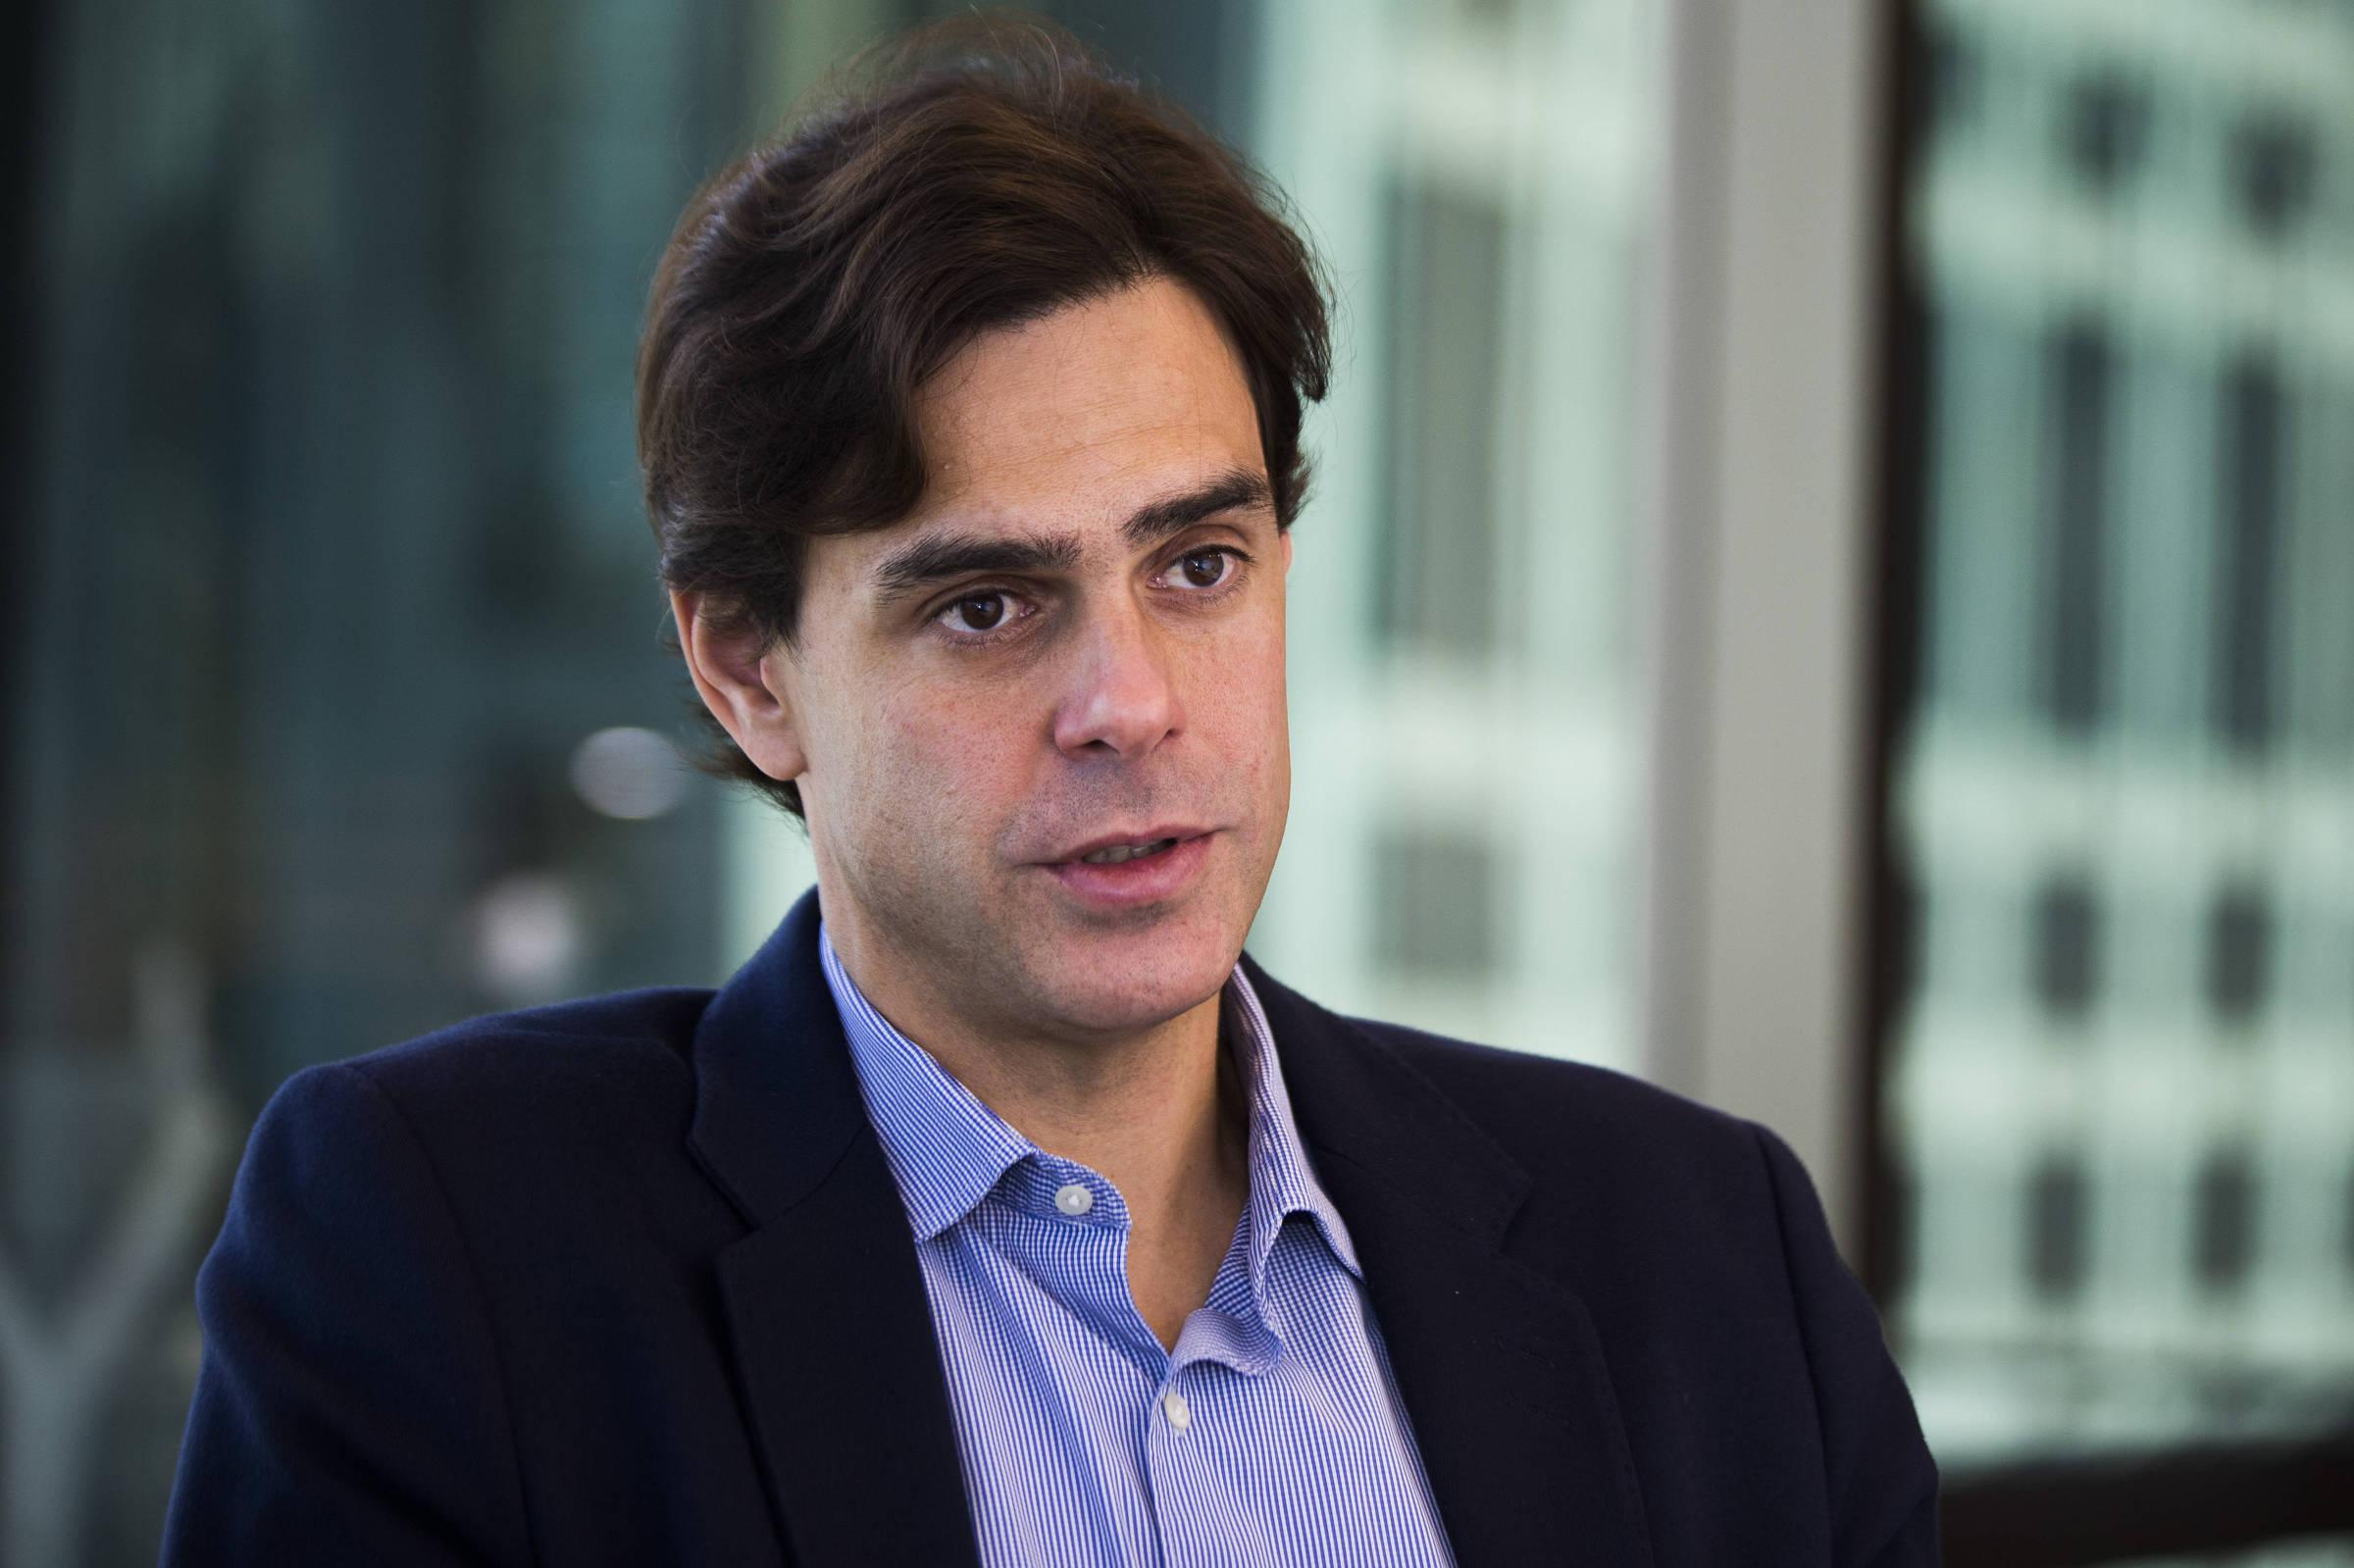 XP pressiona Banco Central por venda ao Itaú